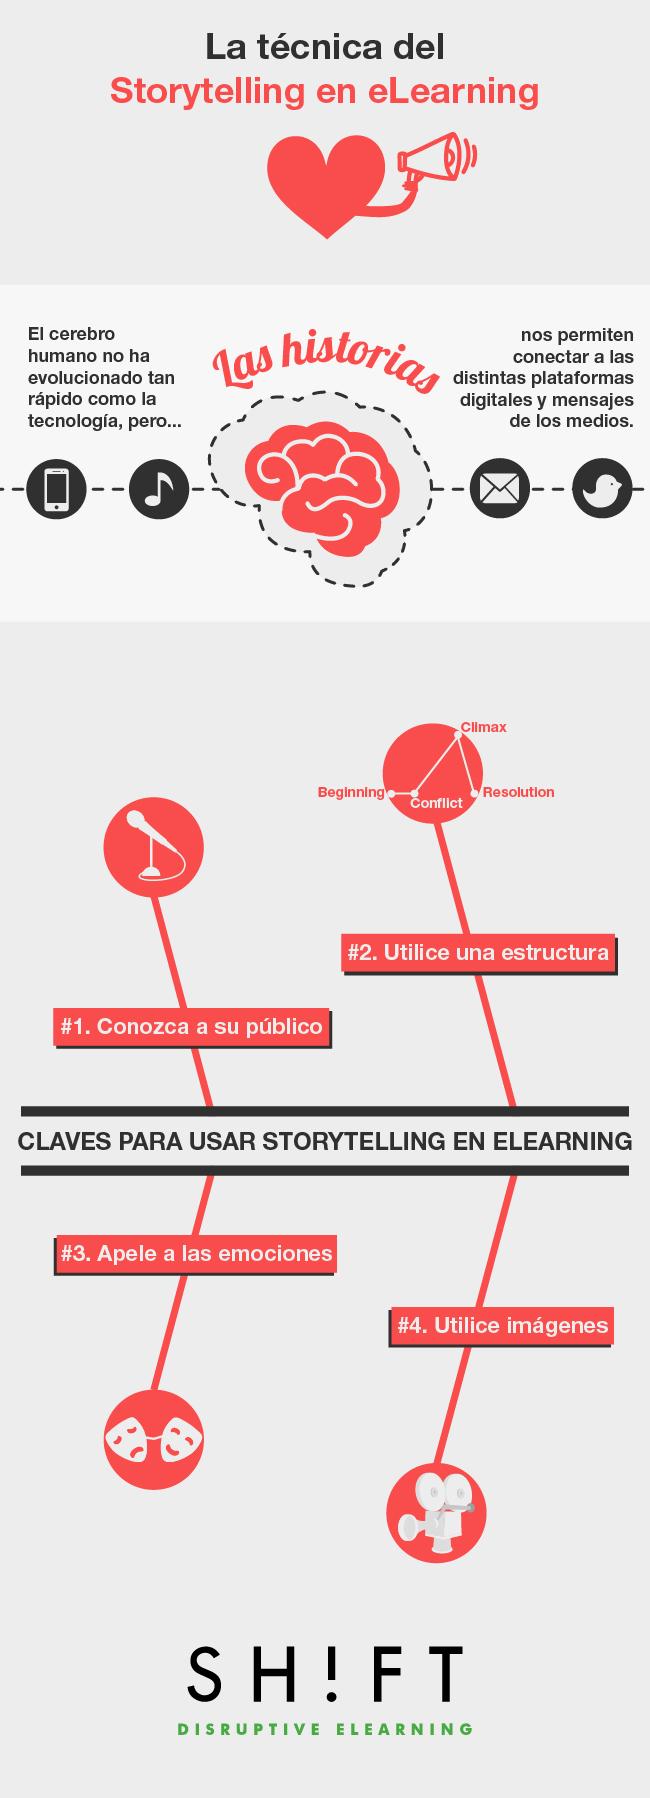 eLearning y storytelling